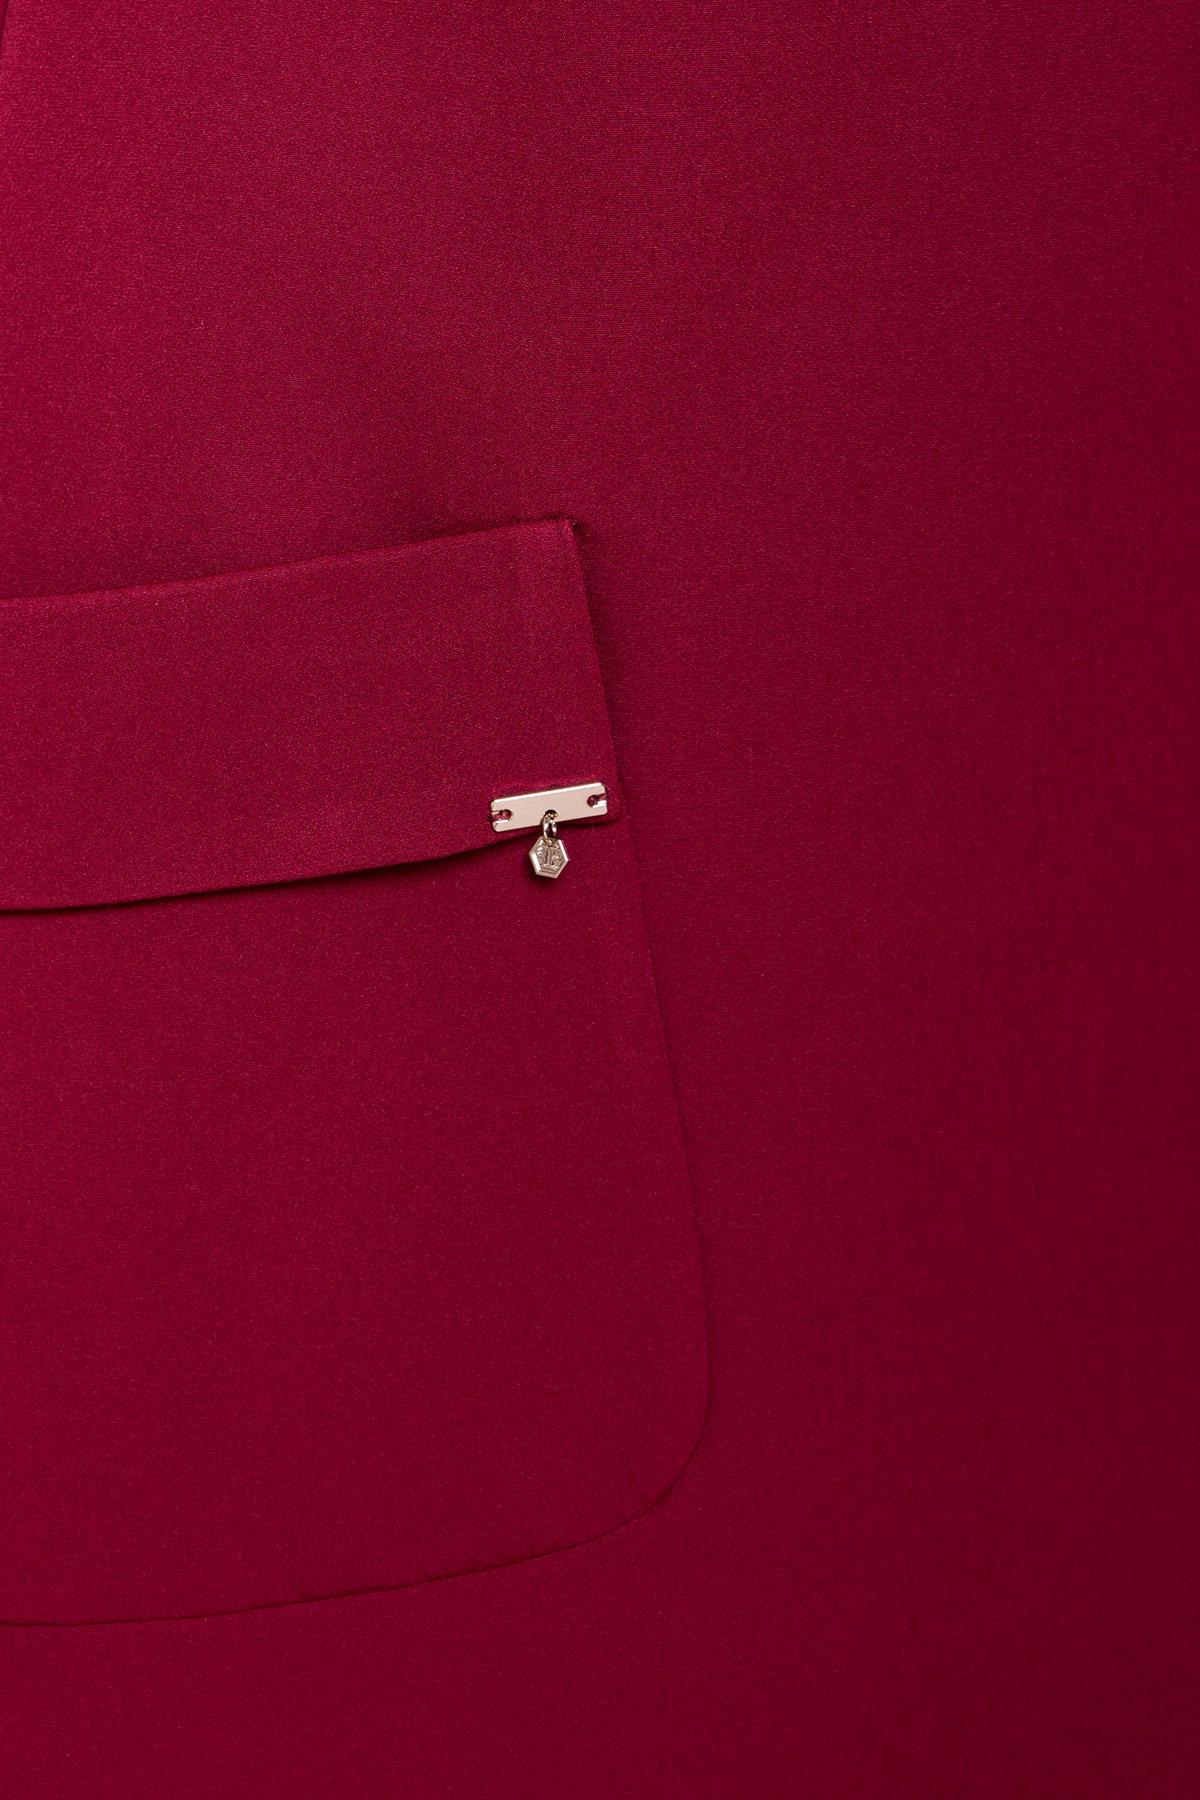 Прямое Платье с рукавом 3/4 Соул лайт 6483 АРТ. 41448 Цвет: Марсала - фото 4, интернет магазин tm-modus.ru